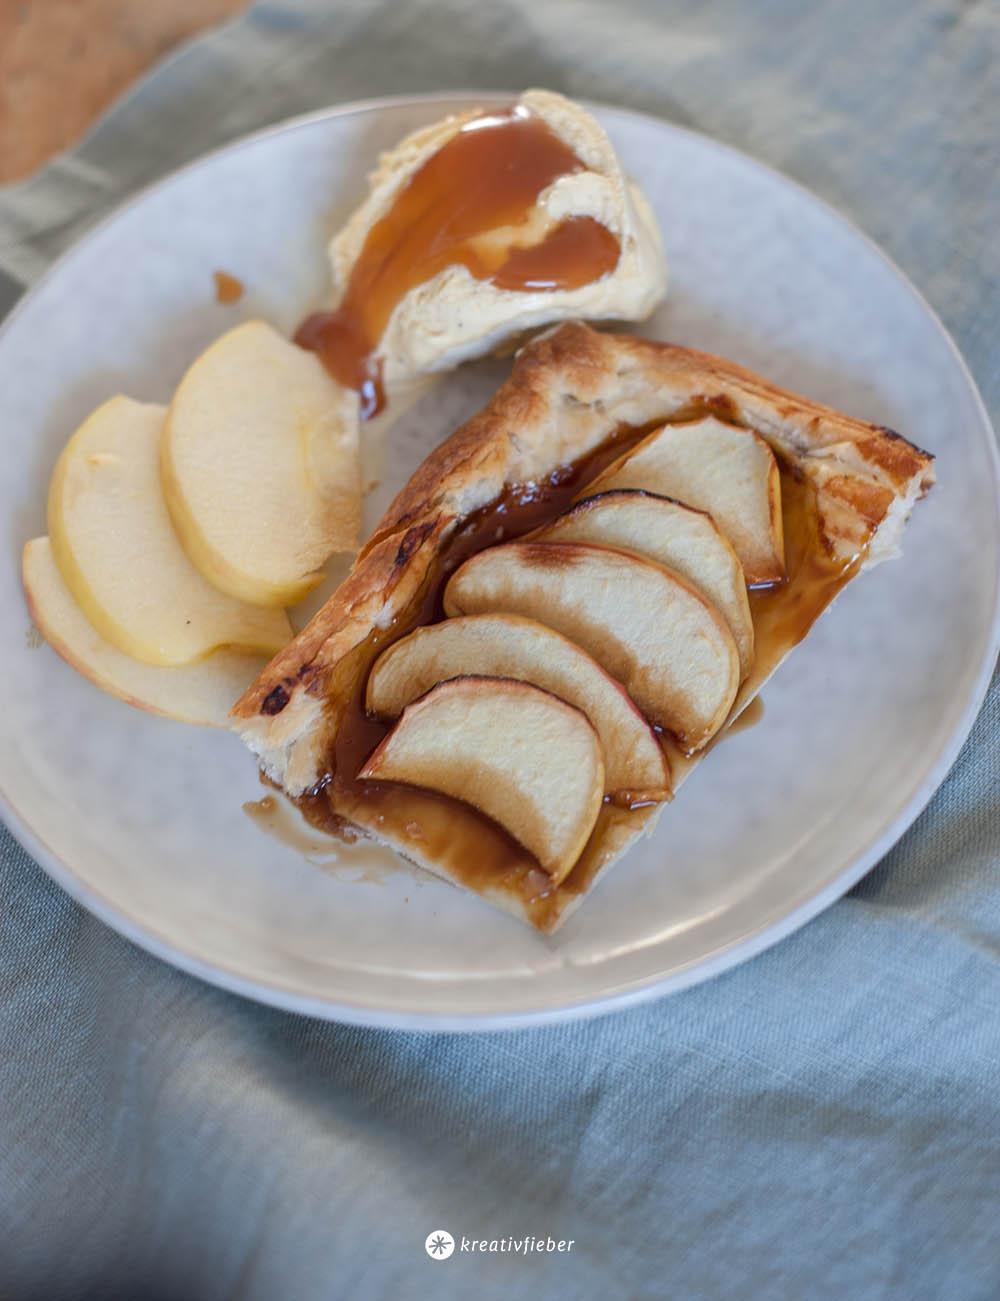 Apfelkuchen auf Blätterteig mit Vanilleeis und Karamellsoße auf einem Teller